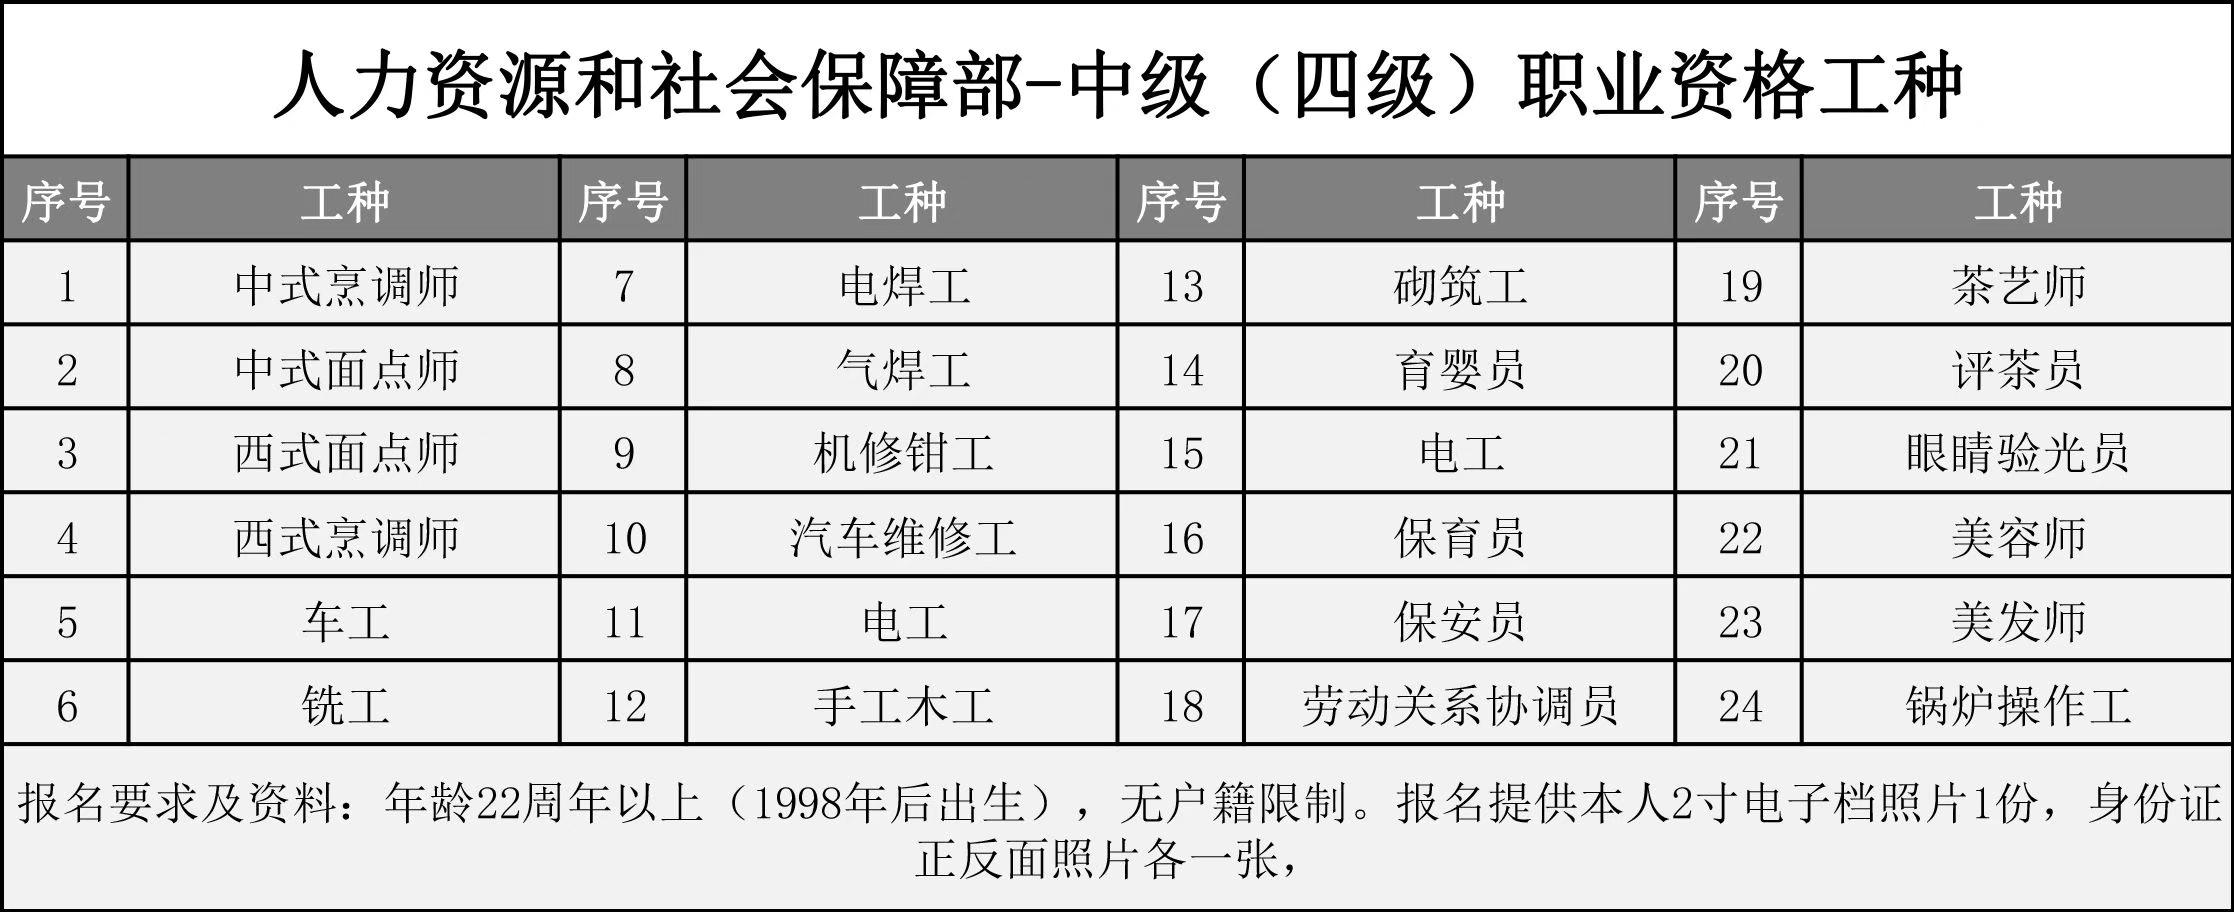 广安人力资源社会保障职业资格证